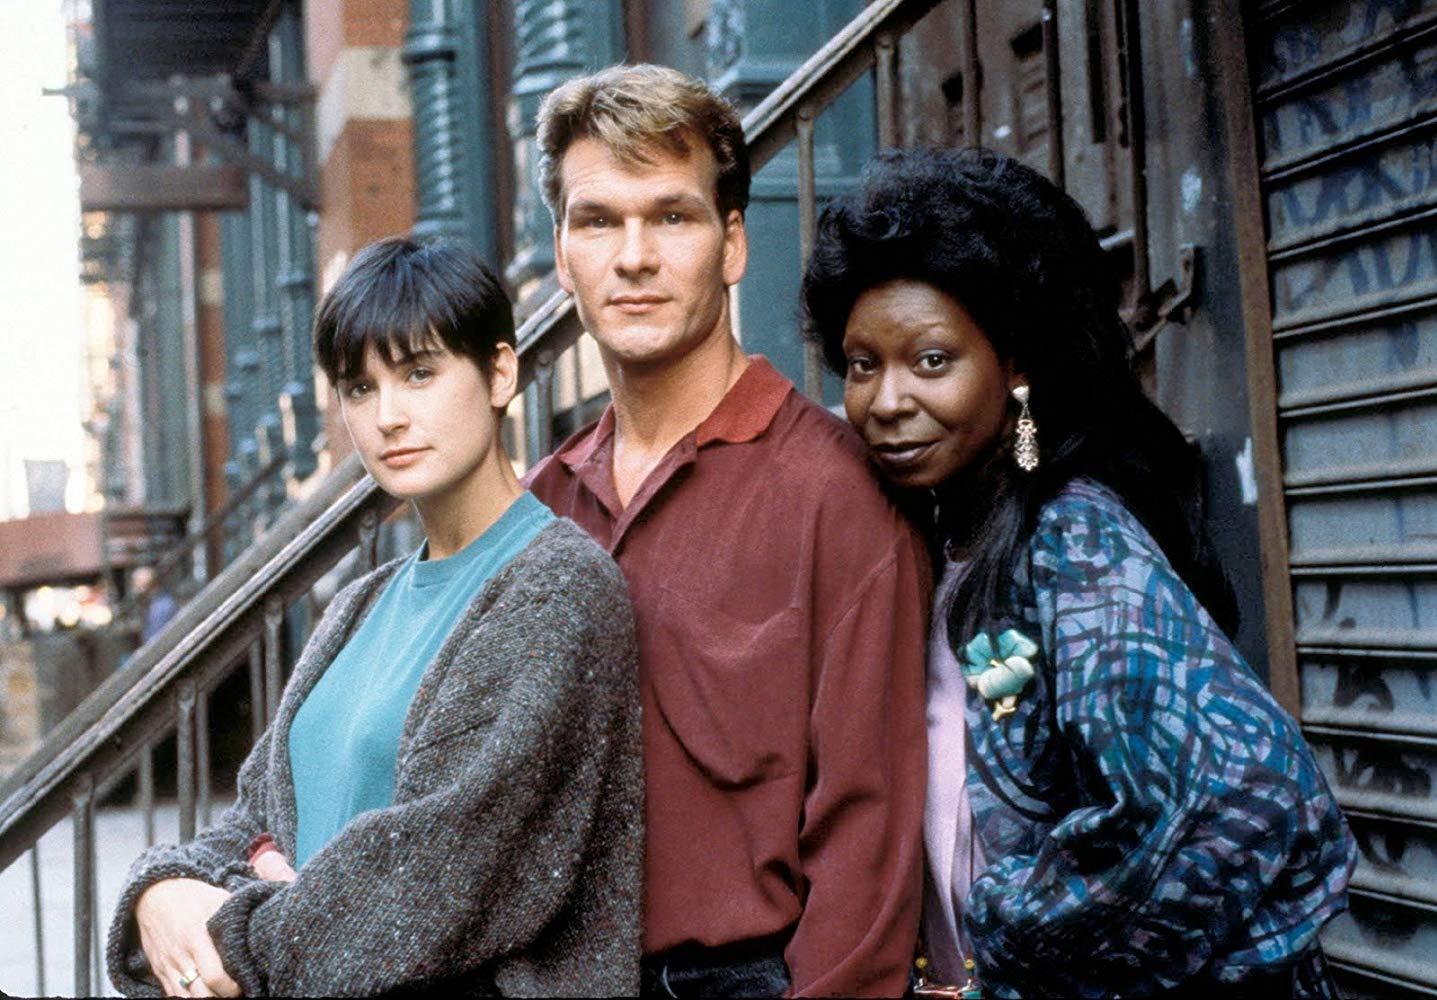 Demi Moore, Patrick Swayze, Whoopi Goldberg in Ghost (1990)